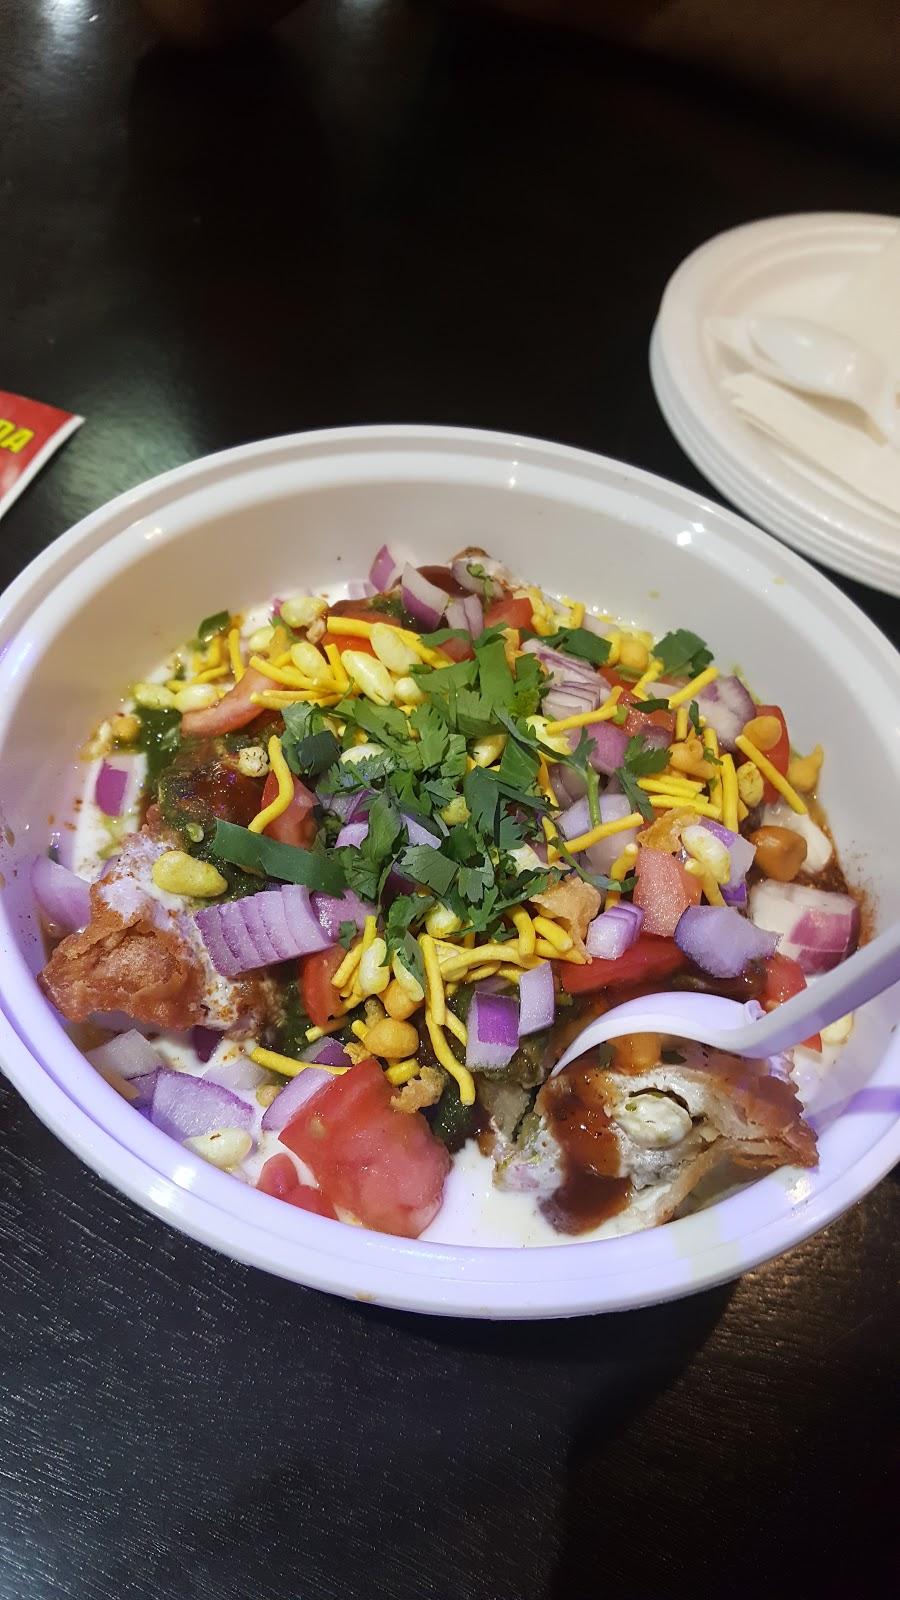 Anaya Paan and Falooda | restaurant | 5120 47 St NE #123, Calgary, AB T3J 4K3, Canada | 4037197226 OR +1 403-719-7226